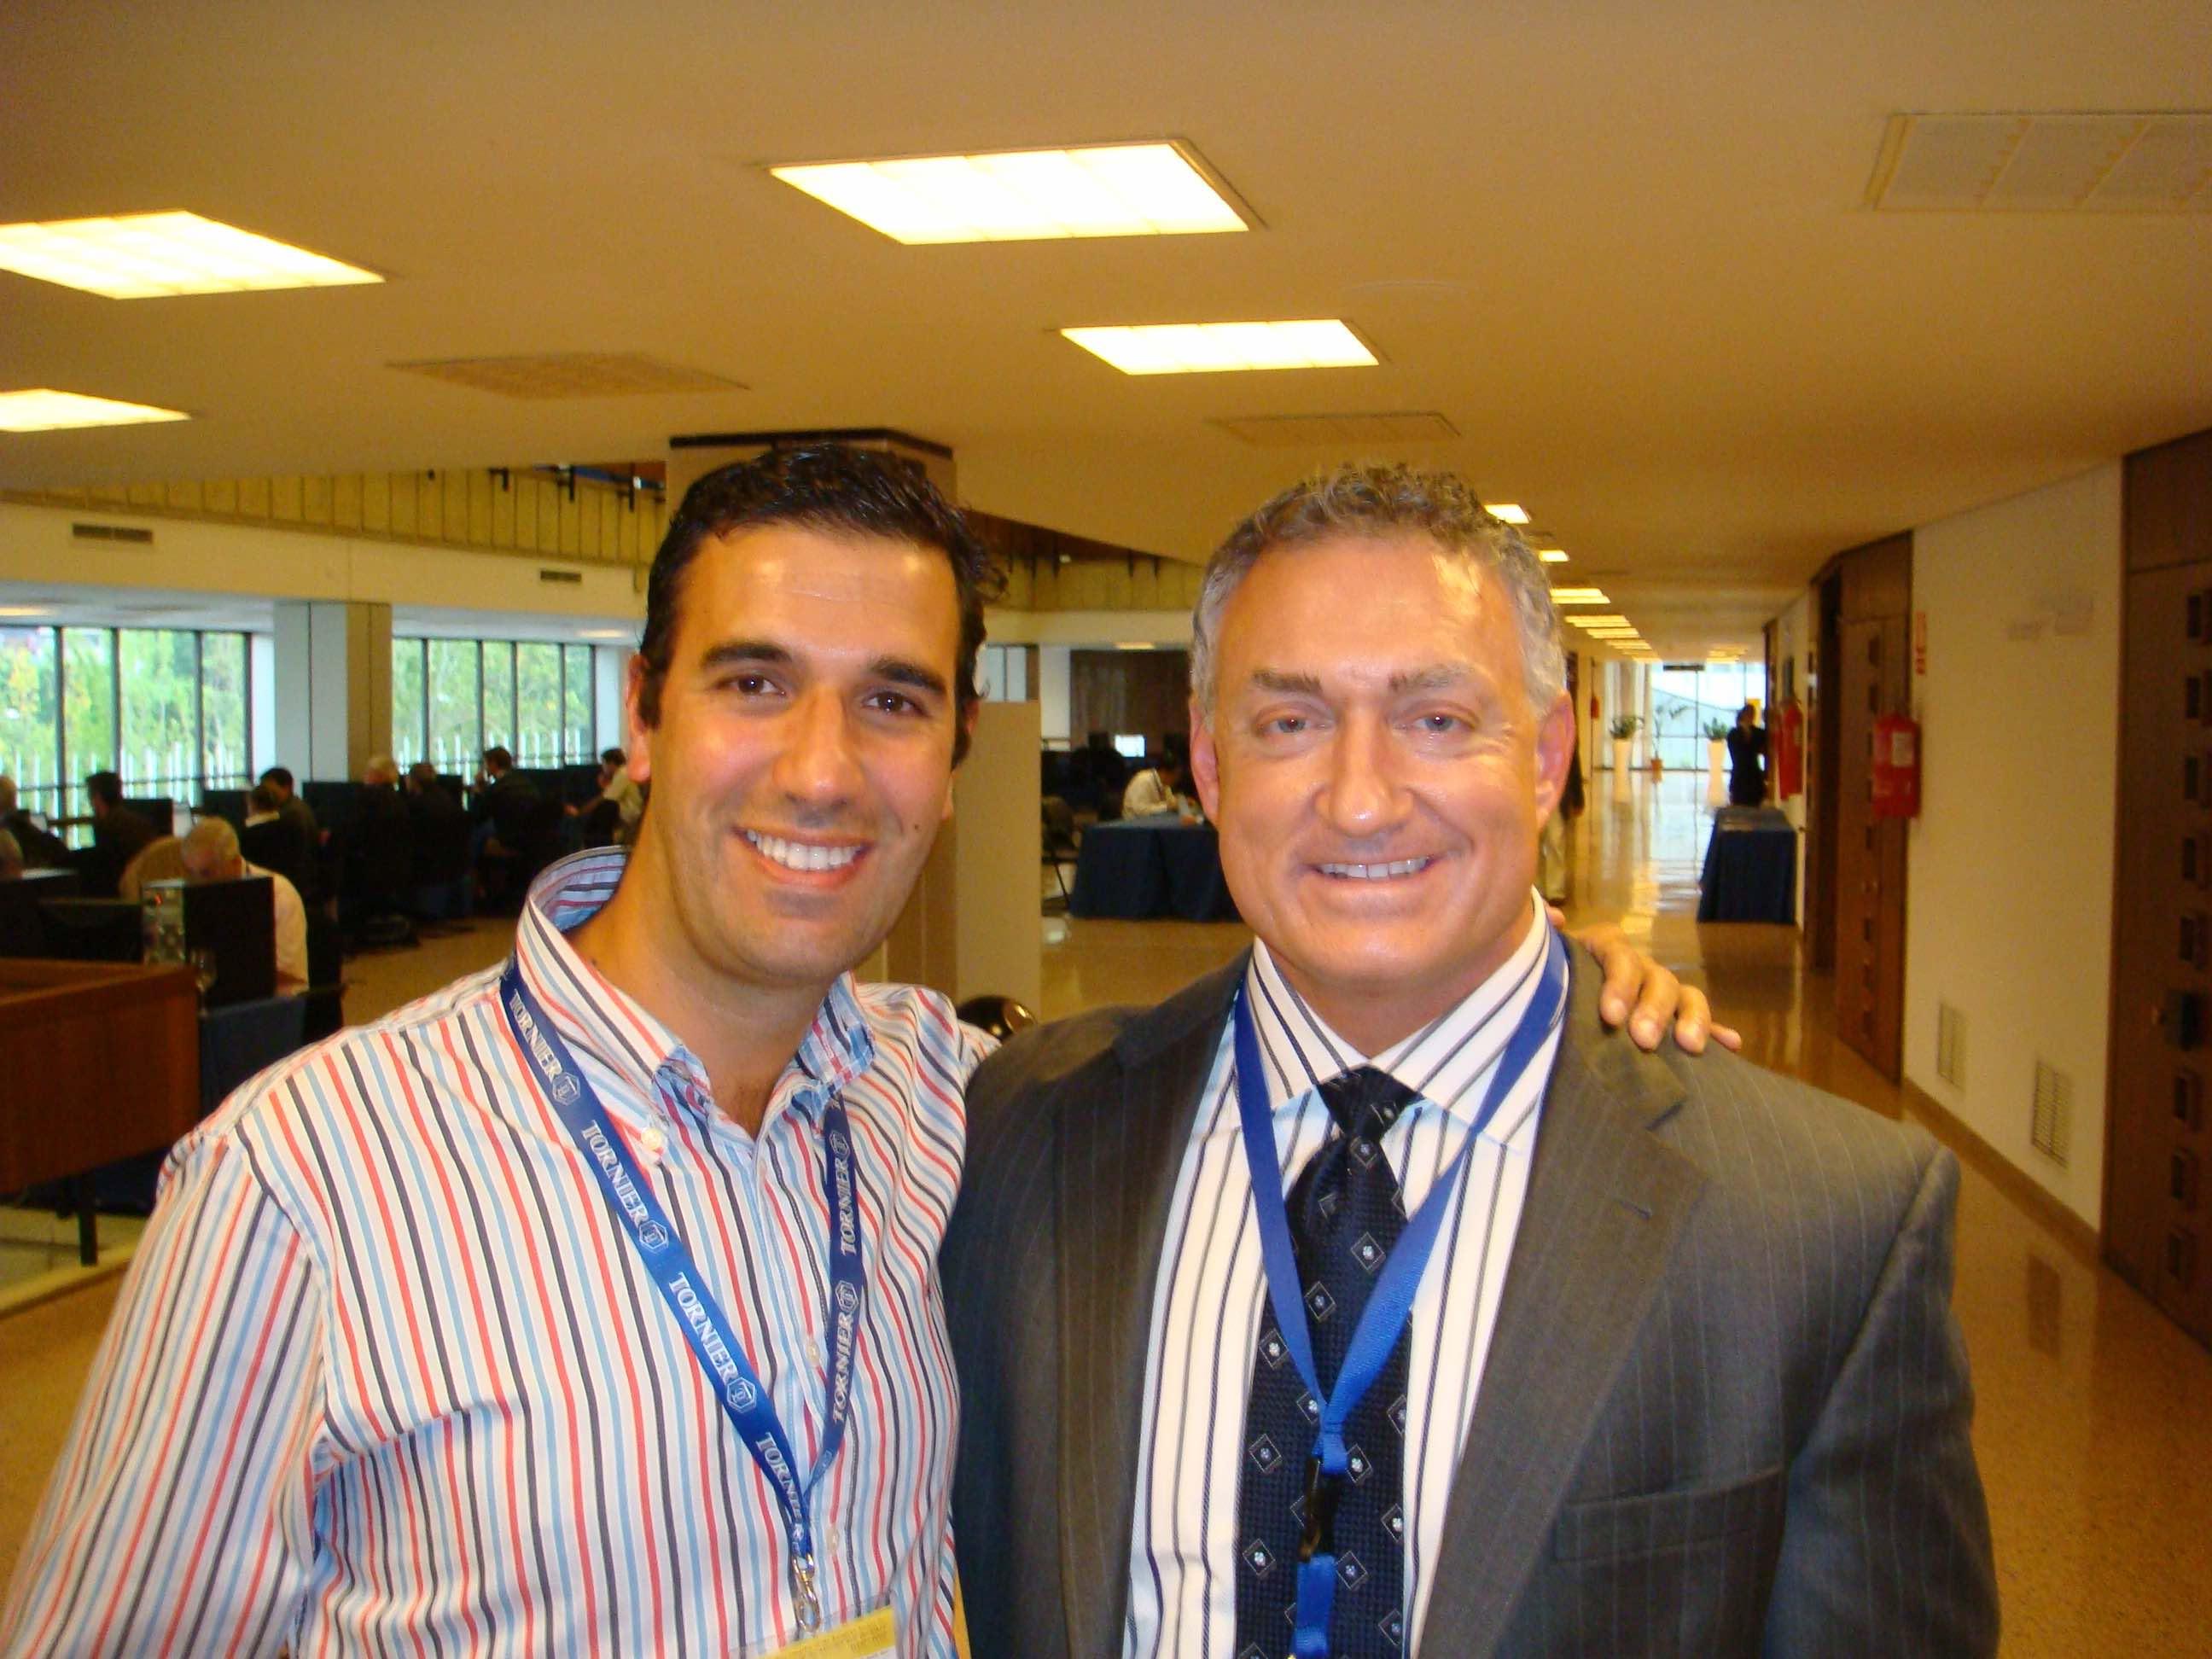 dr bernaldez with dr romeo